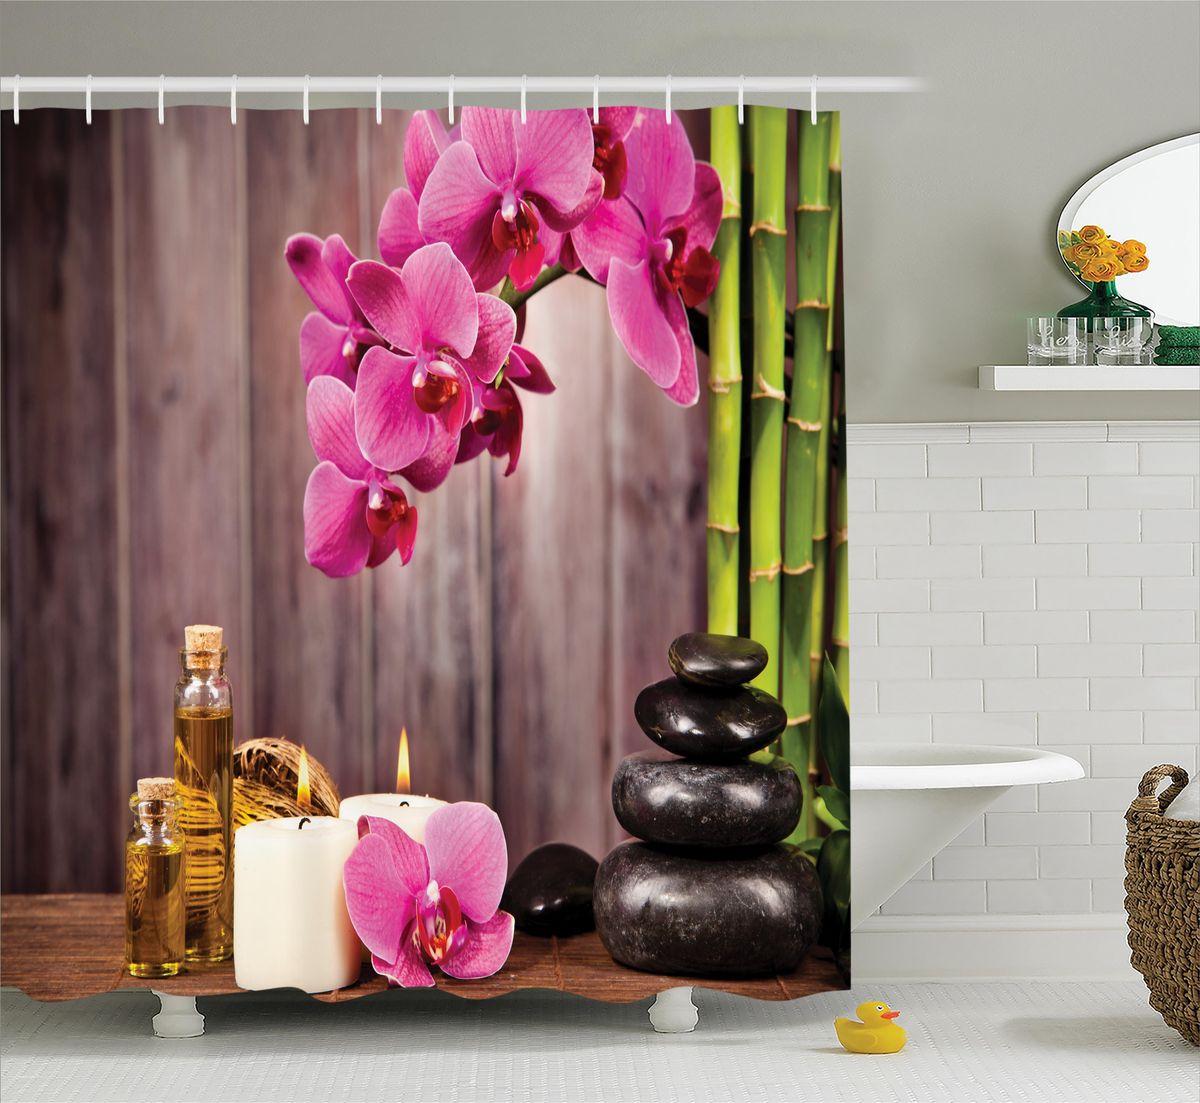 Штора для ванной комнаты Magic Lady Орхидеи и свечи, 180 х 200 смшв_12217Штора Magic Lady Орхидеи и свечи, изготовленная из высококачественного сатена (полиэстер 100%), отлично дополнит любой интерьер ванной комнаты. При изготовлении используются специальные гипоаллергенные чернила для прямой печати по ткани, безопасные для человека.В комплекте: 1 штора, 12 крючков. Обращаем ваше внимание, фактический цвет изделия может незначительно отличаться от представленного на фото.